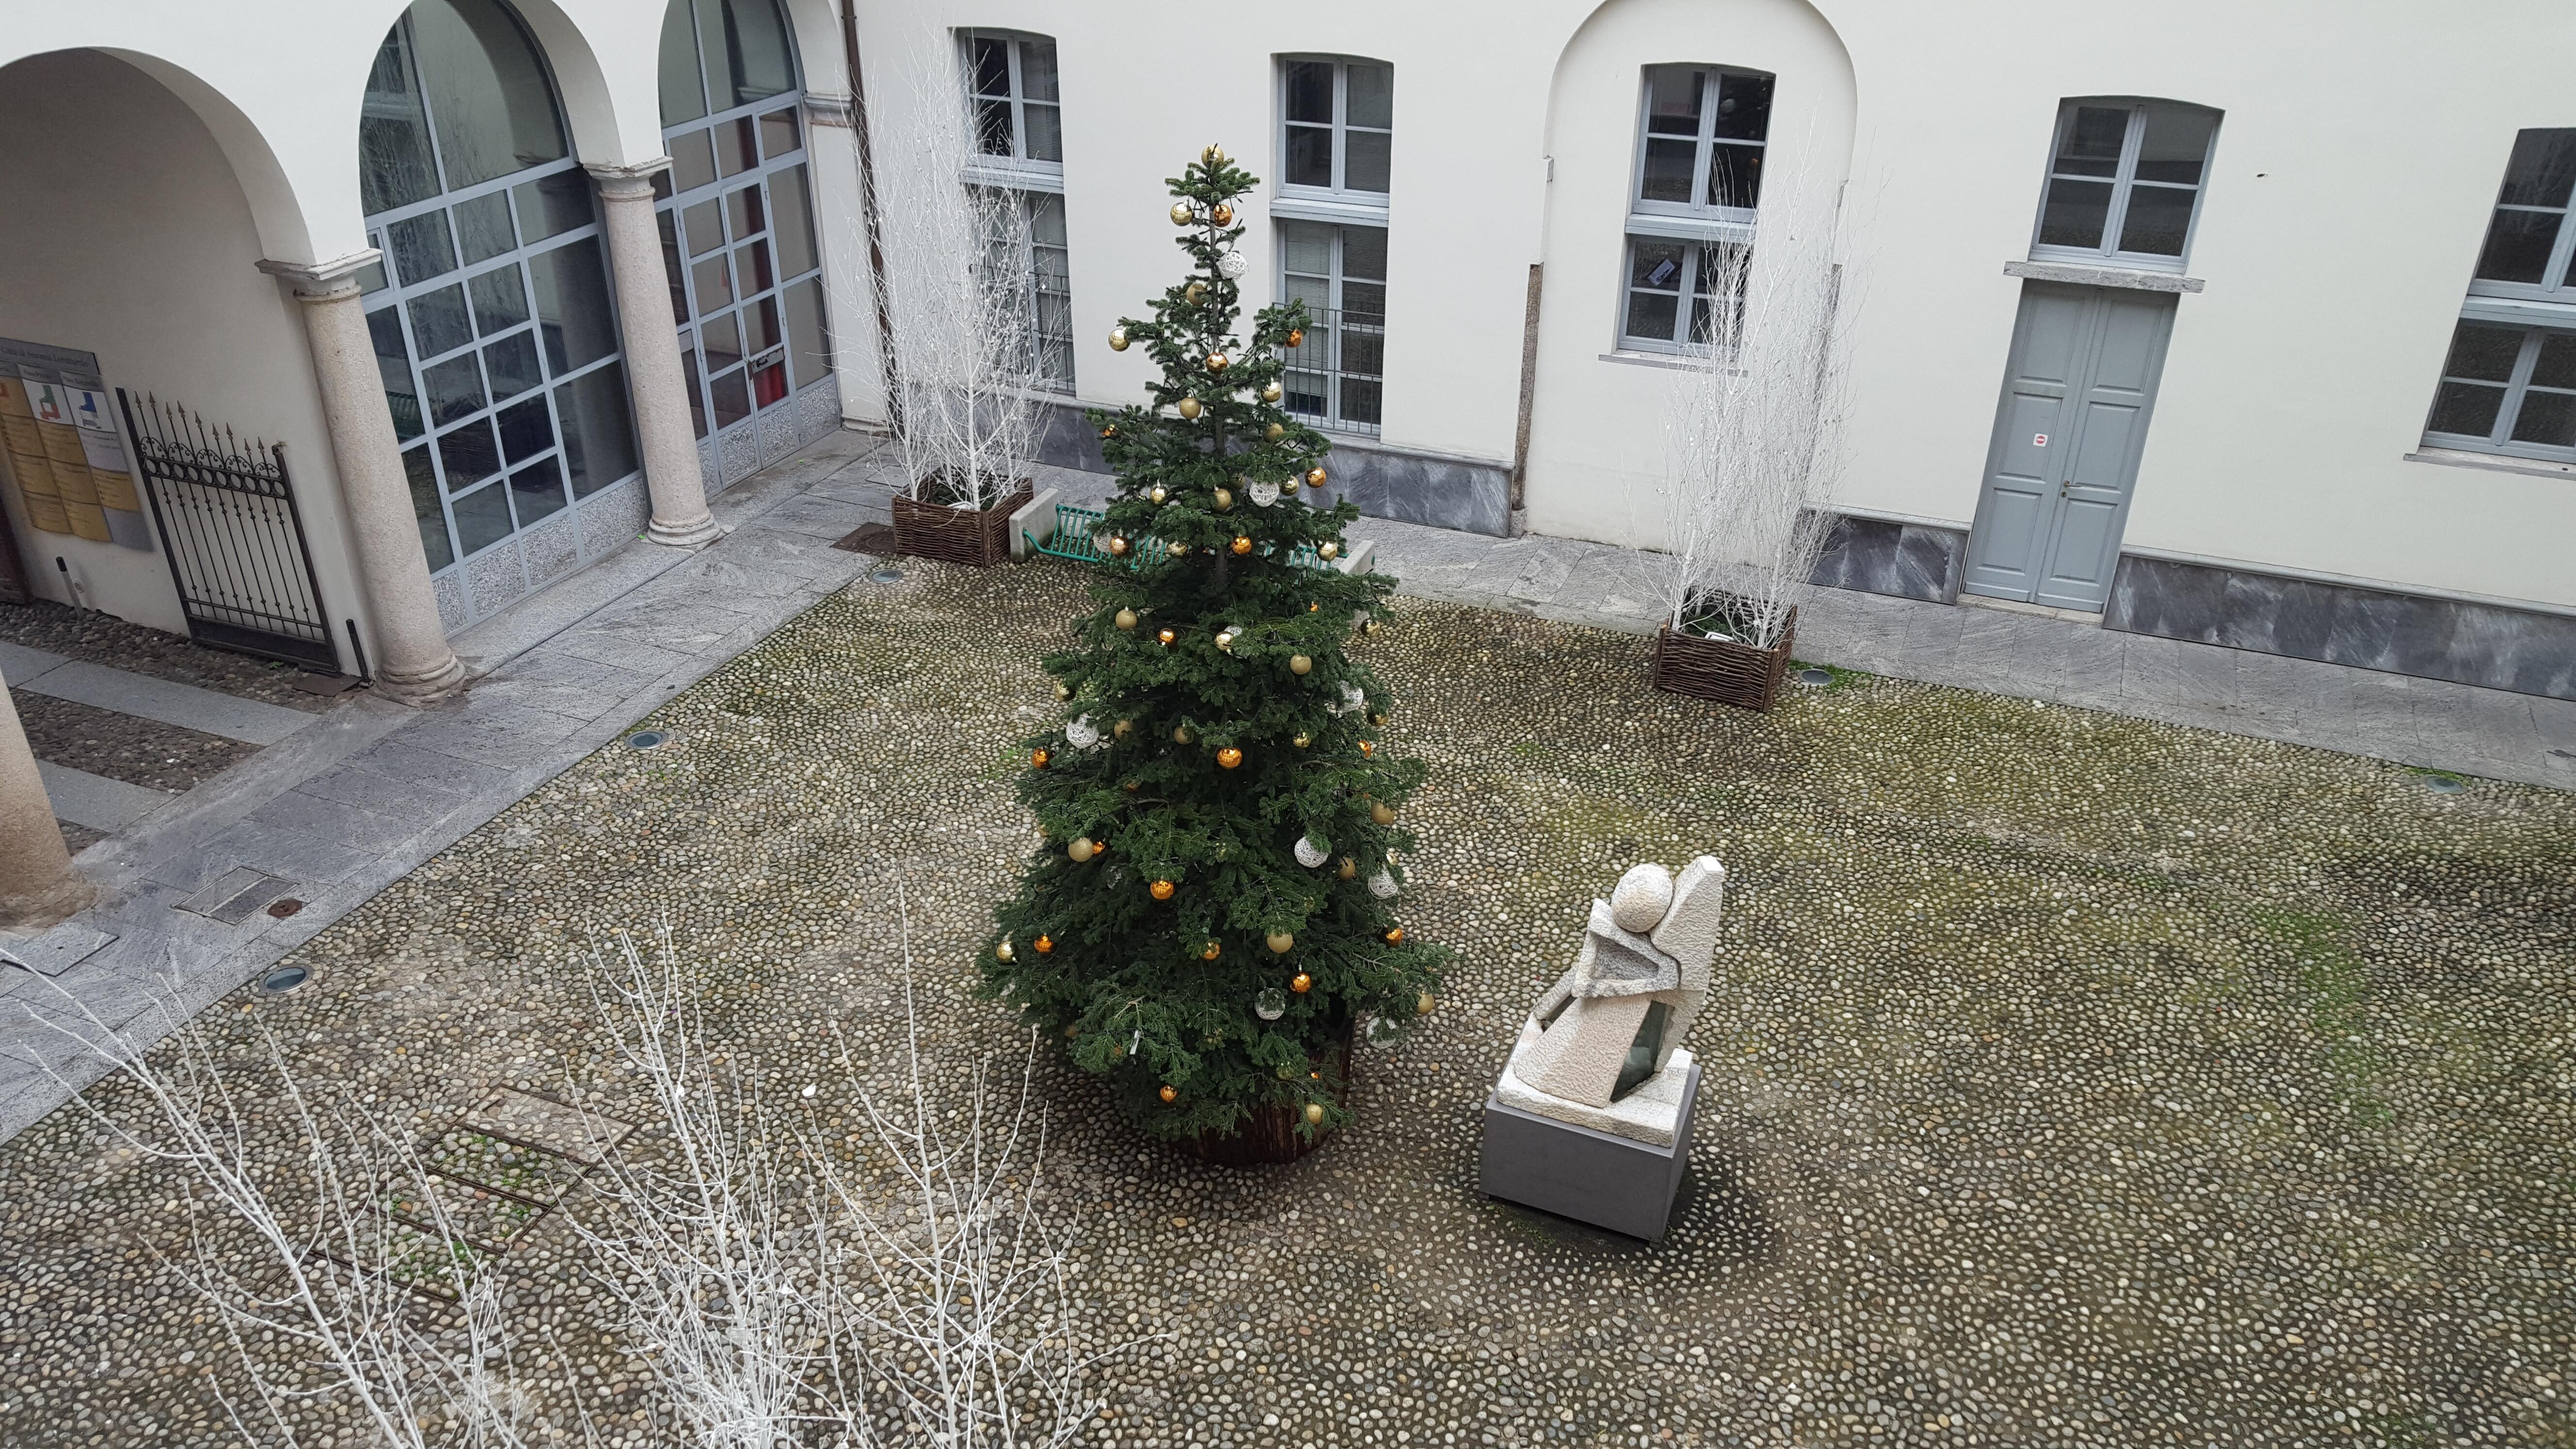 Concorso Natale in vetrina 2019: modalità di partecipazione